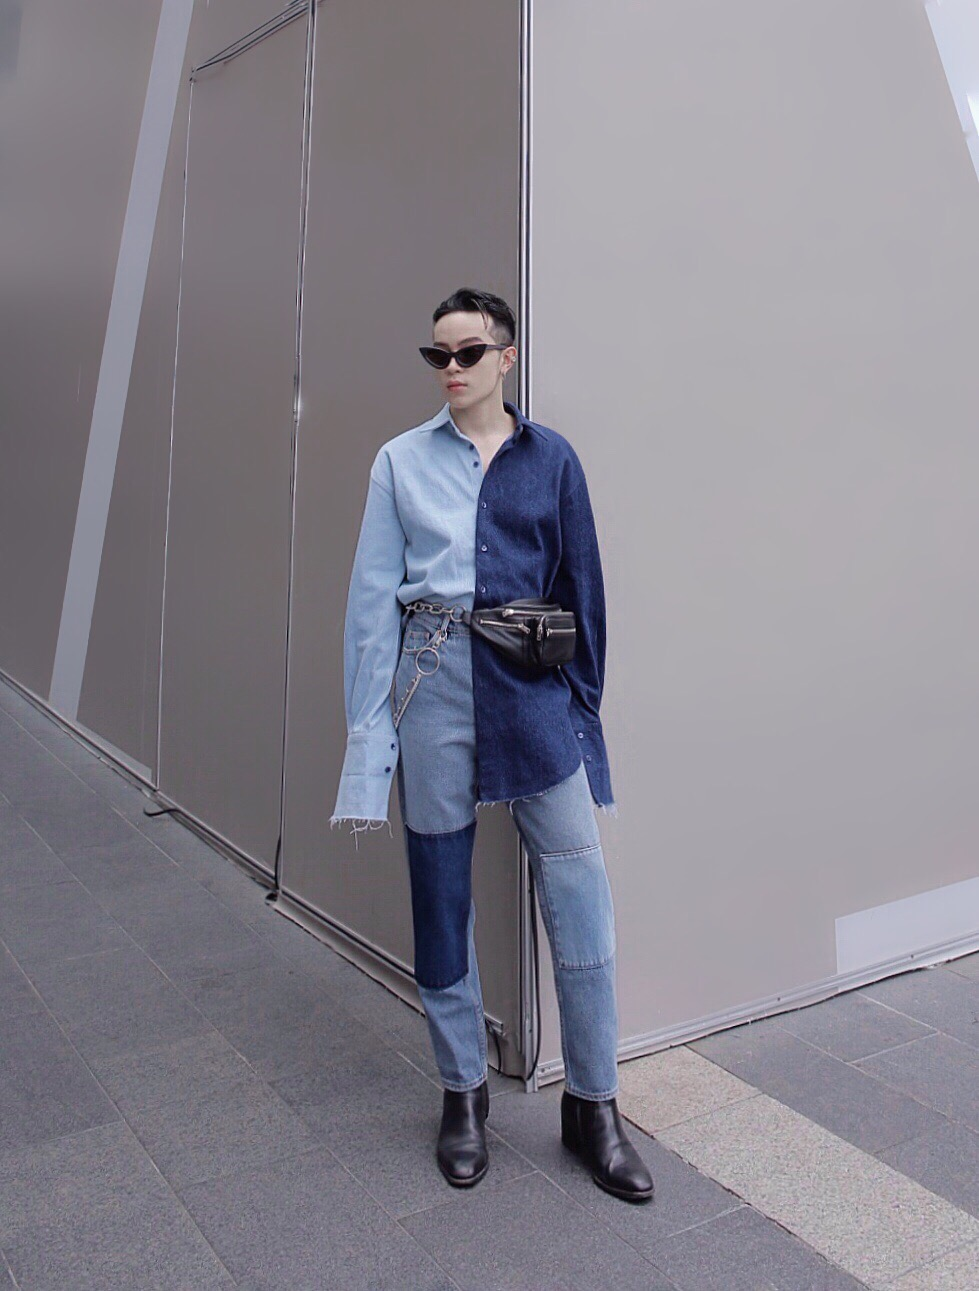 Lần đầu đến Malaysia dự fashion week, Kelbin Lei không ngờ giới trẻ ở đây biết rõ về mình - Ảnh 4.